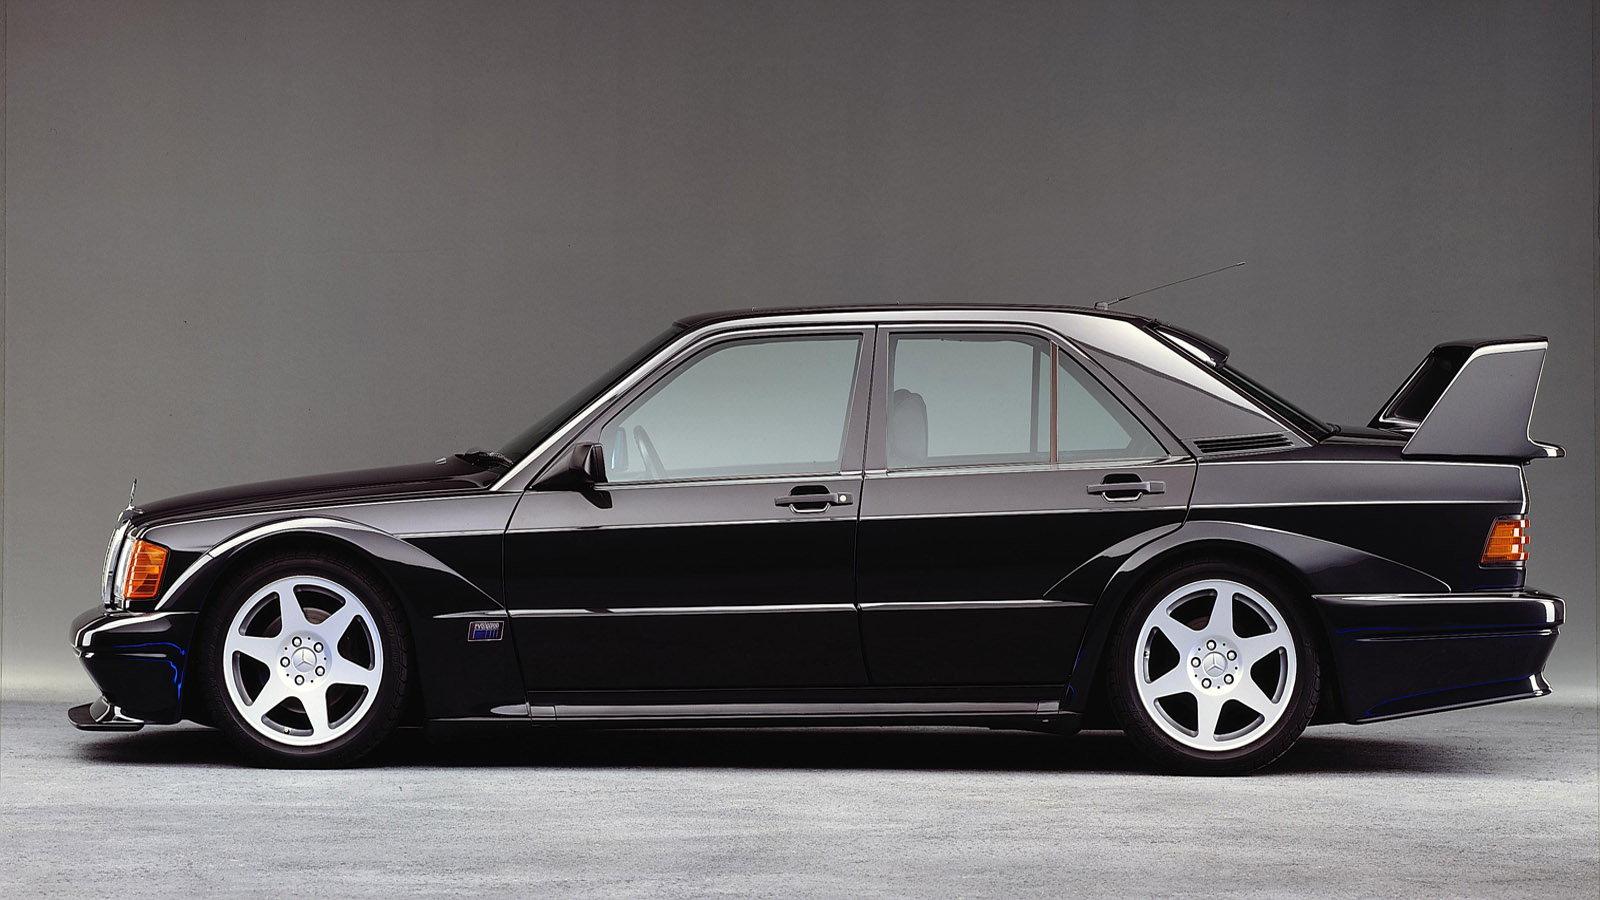 190E Cosworth